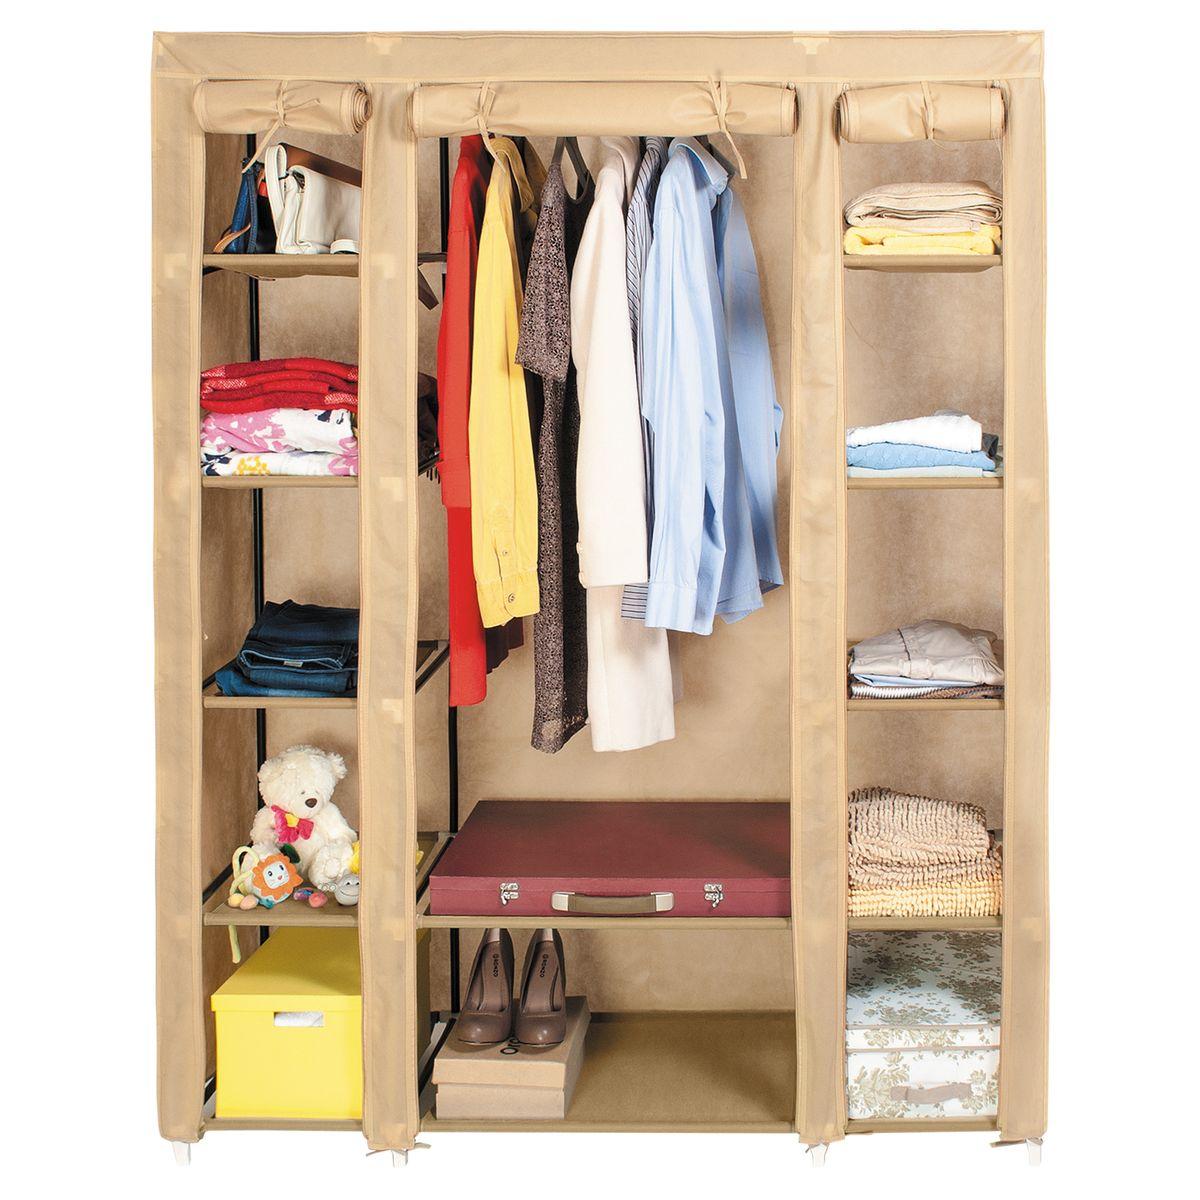 """Шкаф для одежды Artmoon """"Montreal"""", цвет: бежевый, 135 х 45 х 175 см, Art Moon / Artmoon"""